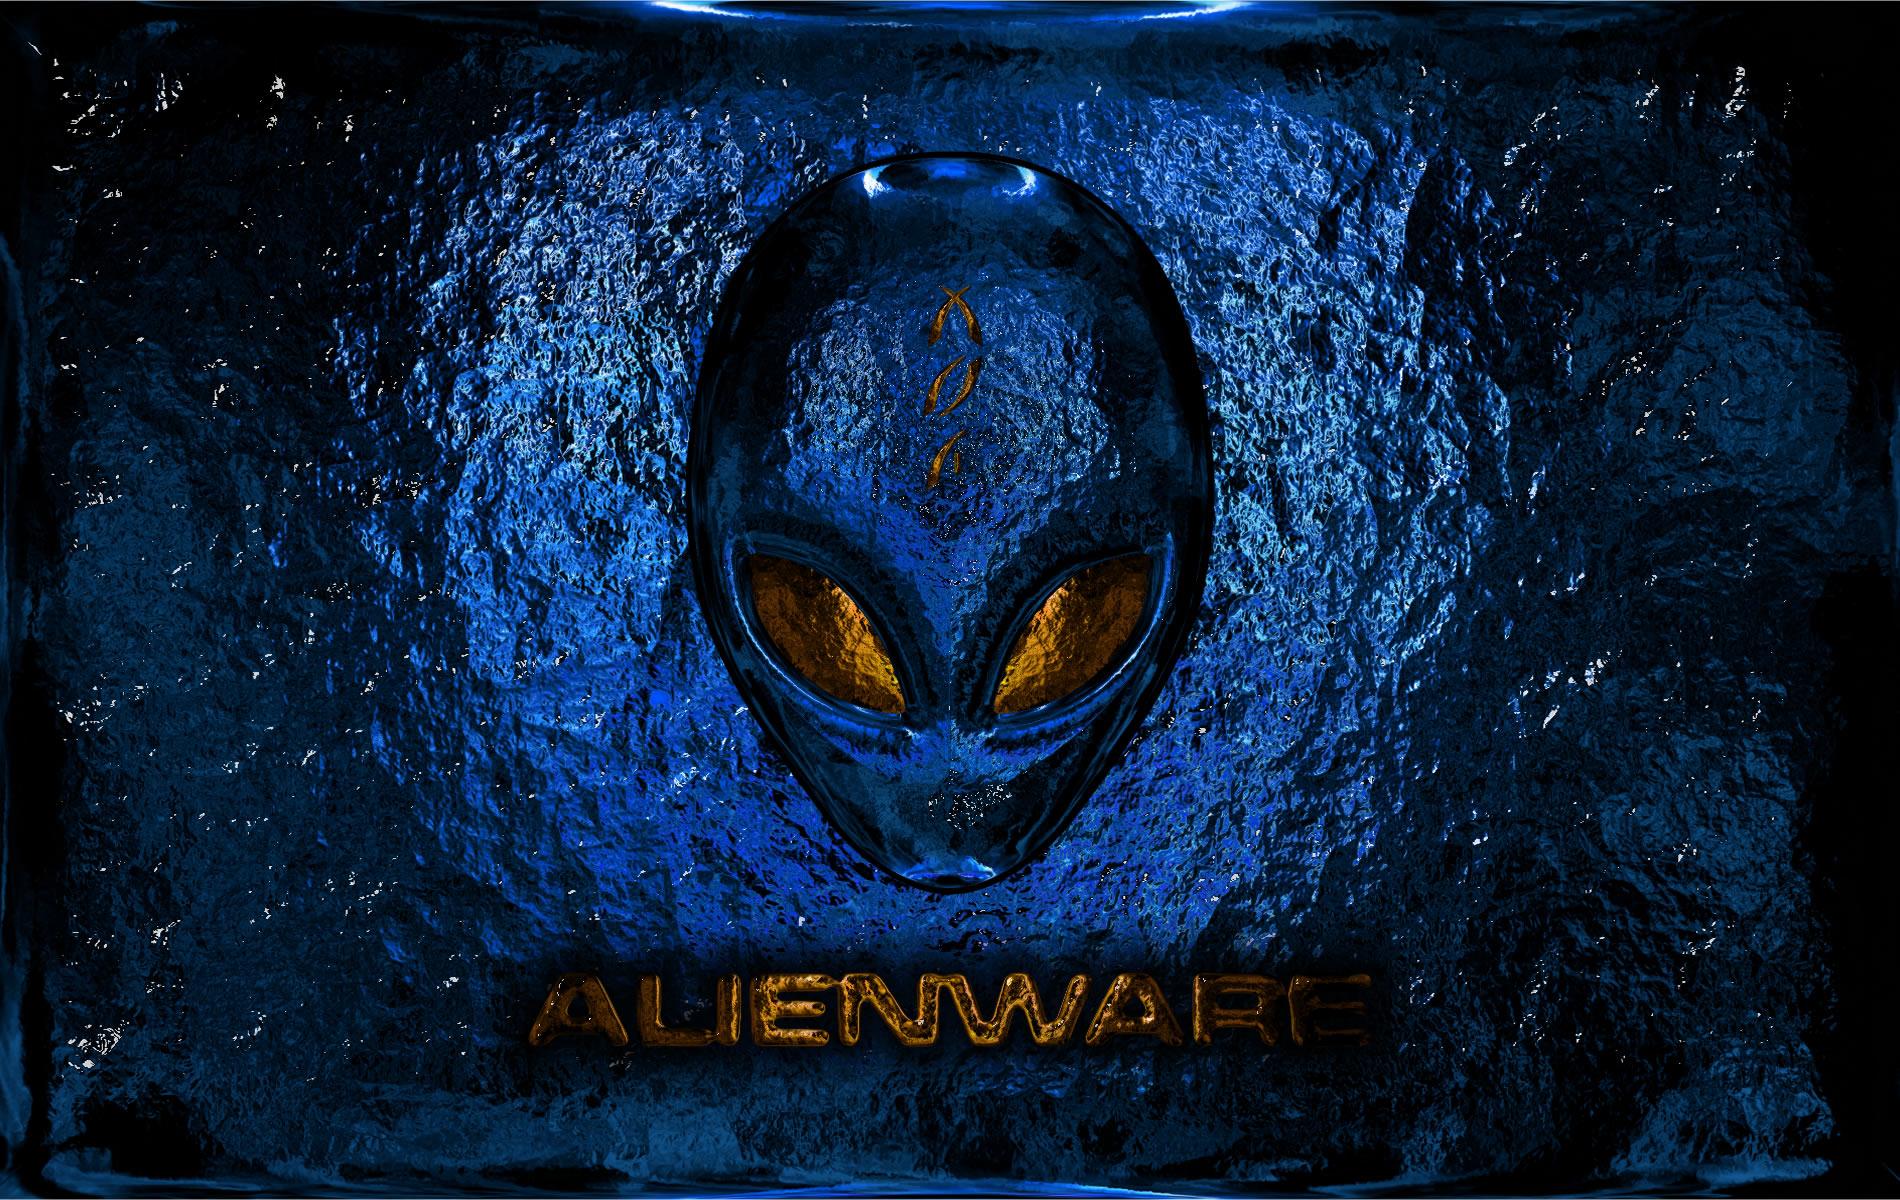 Alienware Blue Computer Wallpapers Desktop Backgrounds 1900x1200 1900x1200